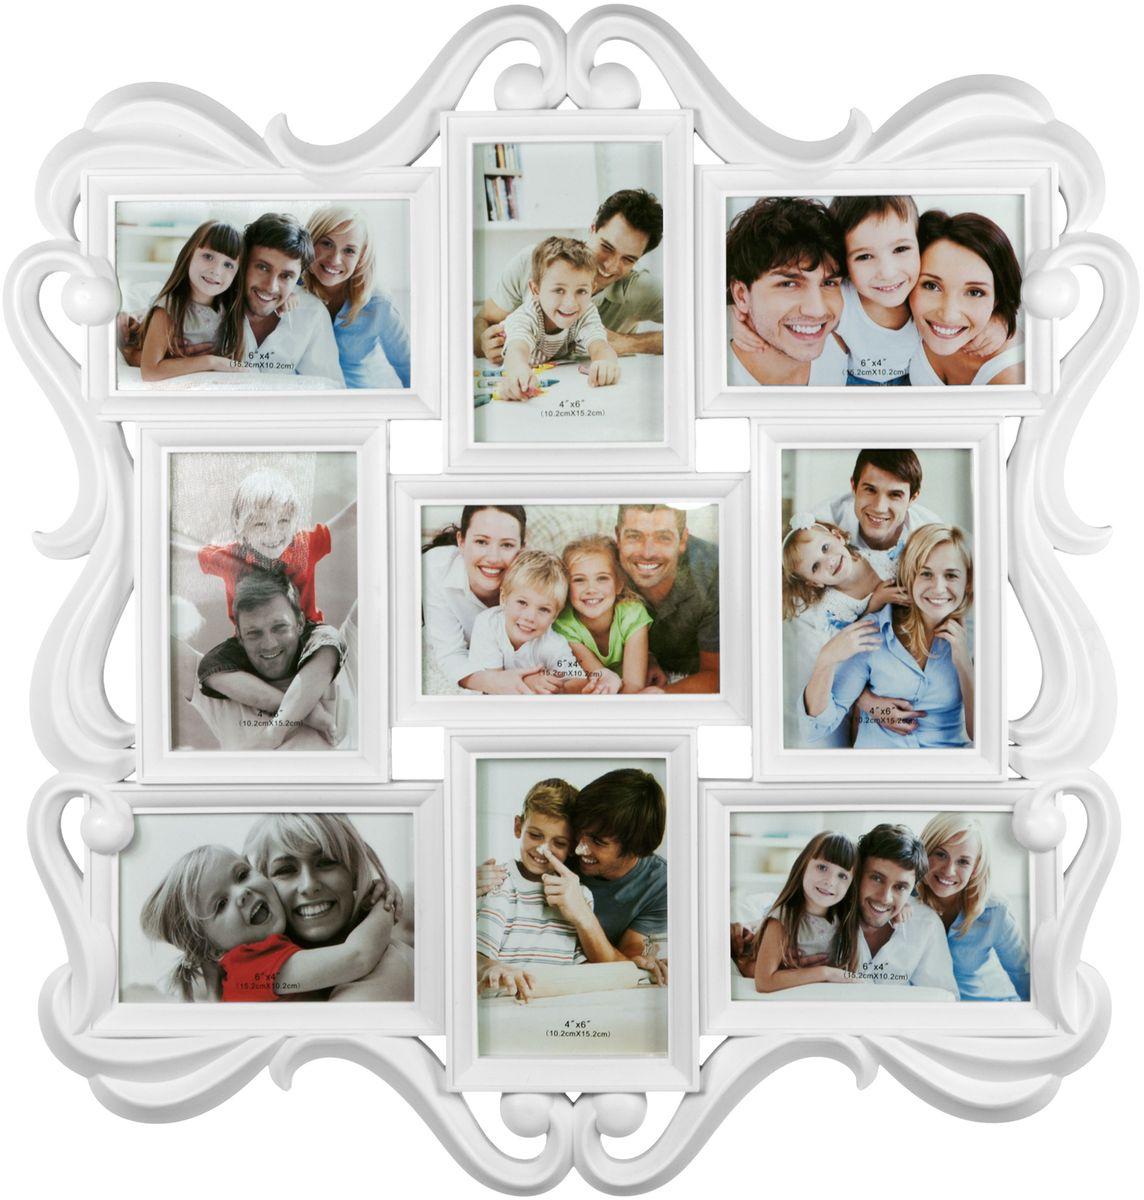 Фоторамка Platinum, цвет: белый, на 9 фото, 10 х 15 см. BIN-1122982-W фоторамка platinum цвет бежевый на 5 фото bin 1123349 cr